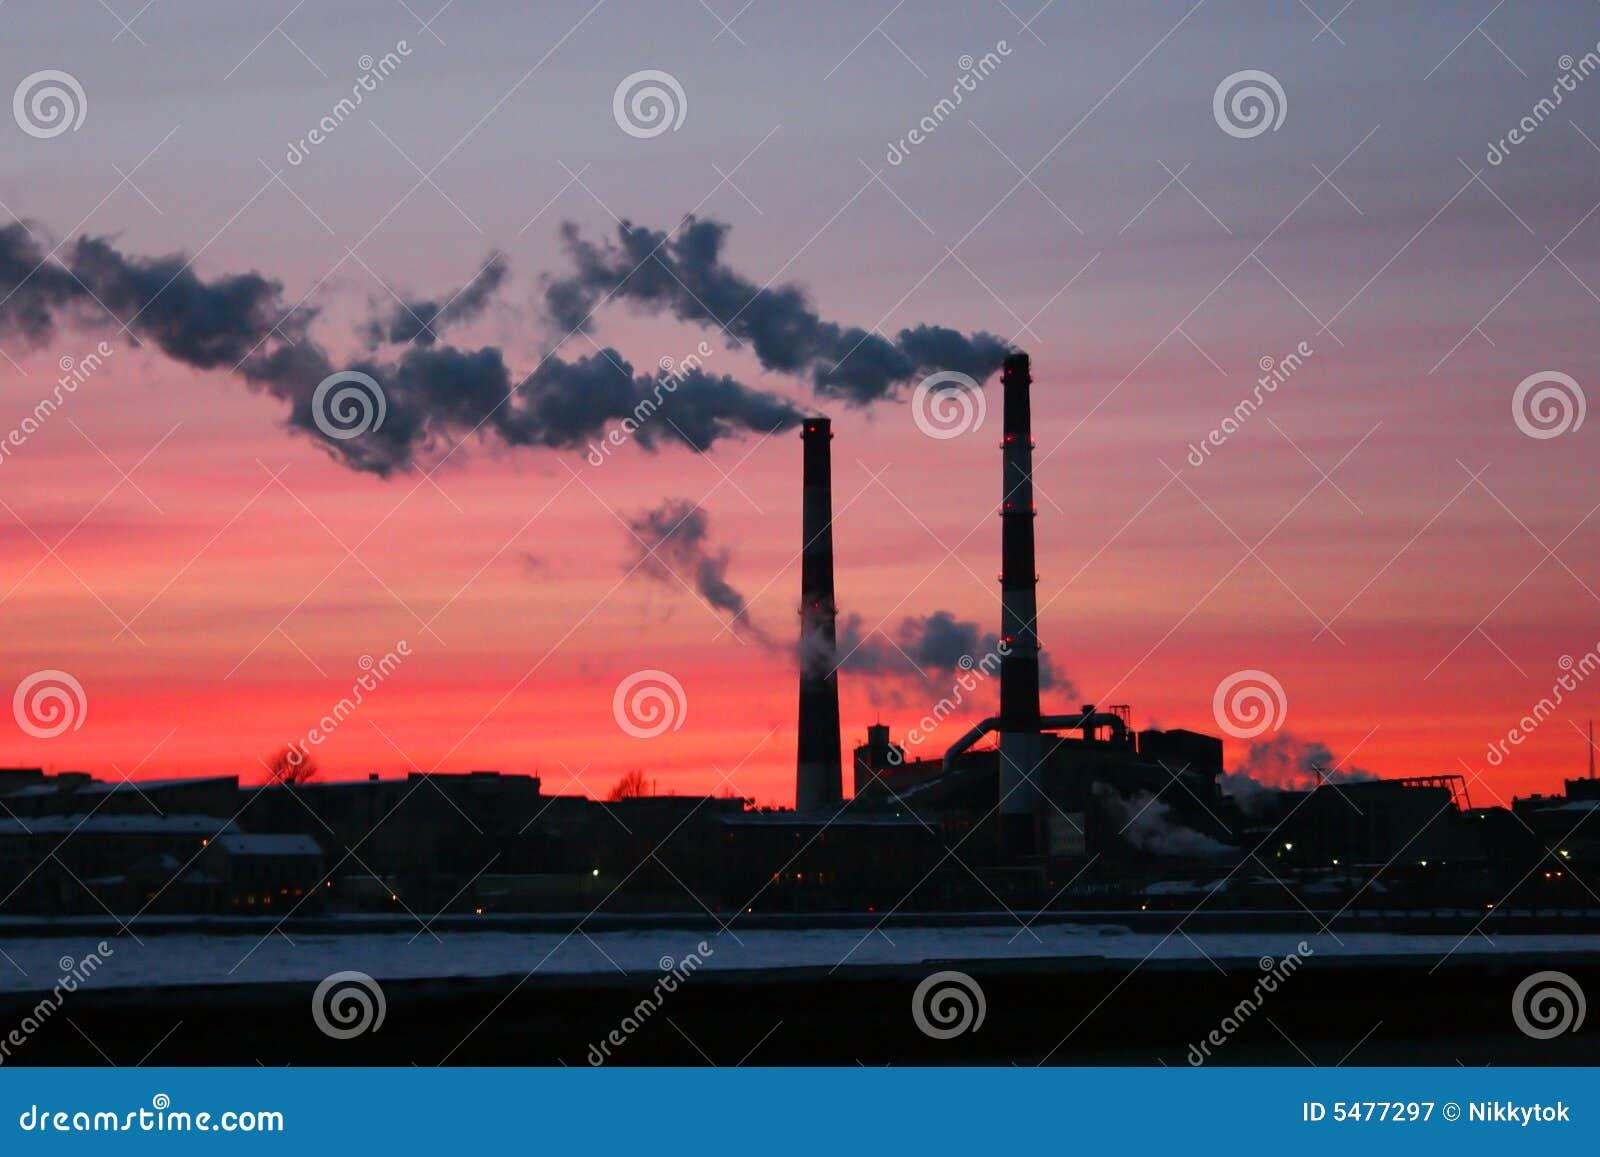 Pojęcia dymu komina globalnego ocieplenia